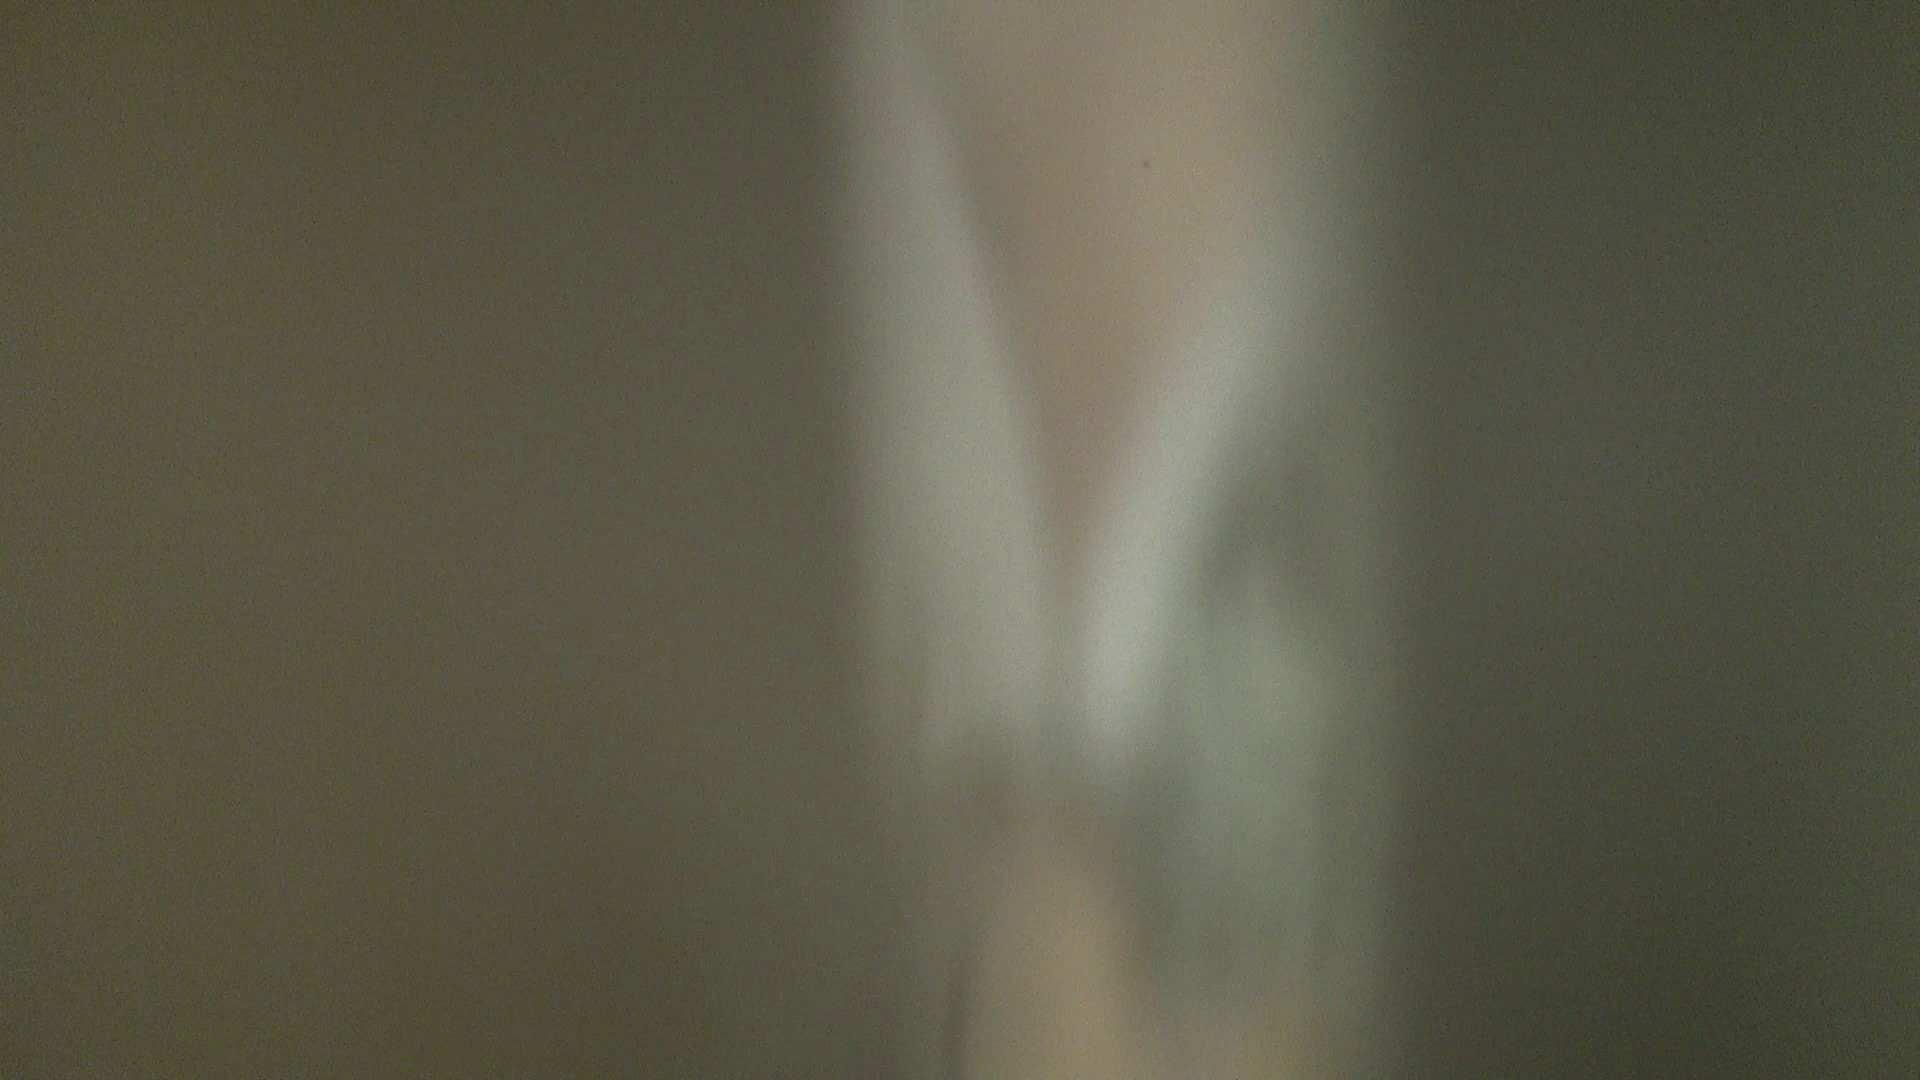 NO.12 斜めから一本道!技あり!! シャワー室 のぞき動画画像 50pic 35